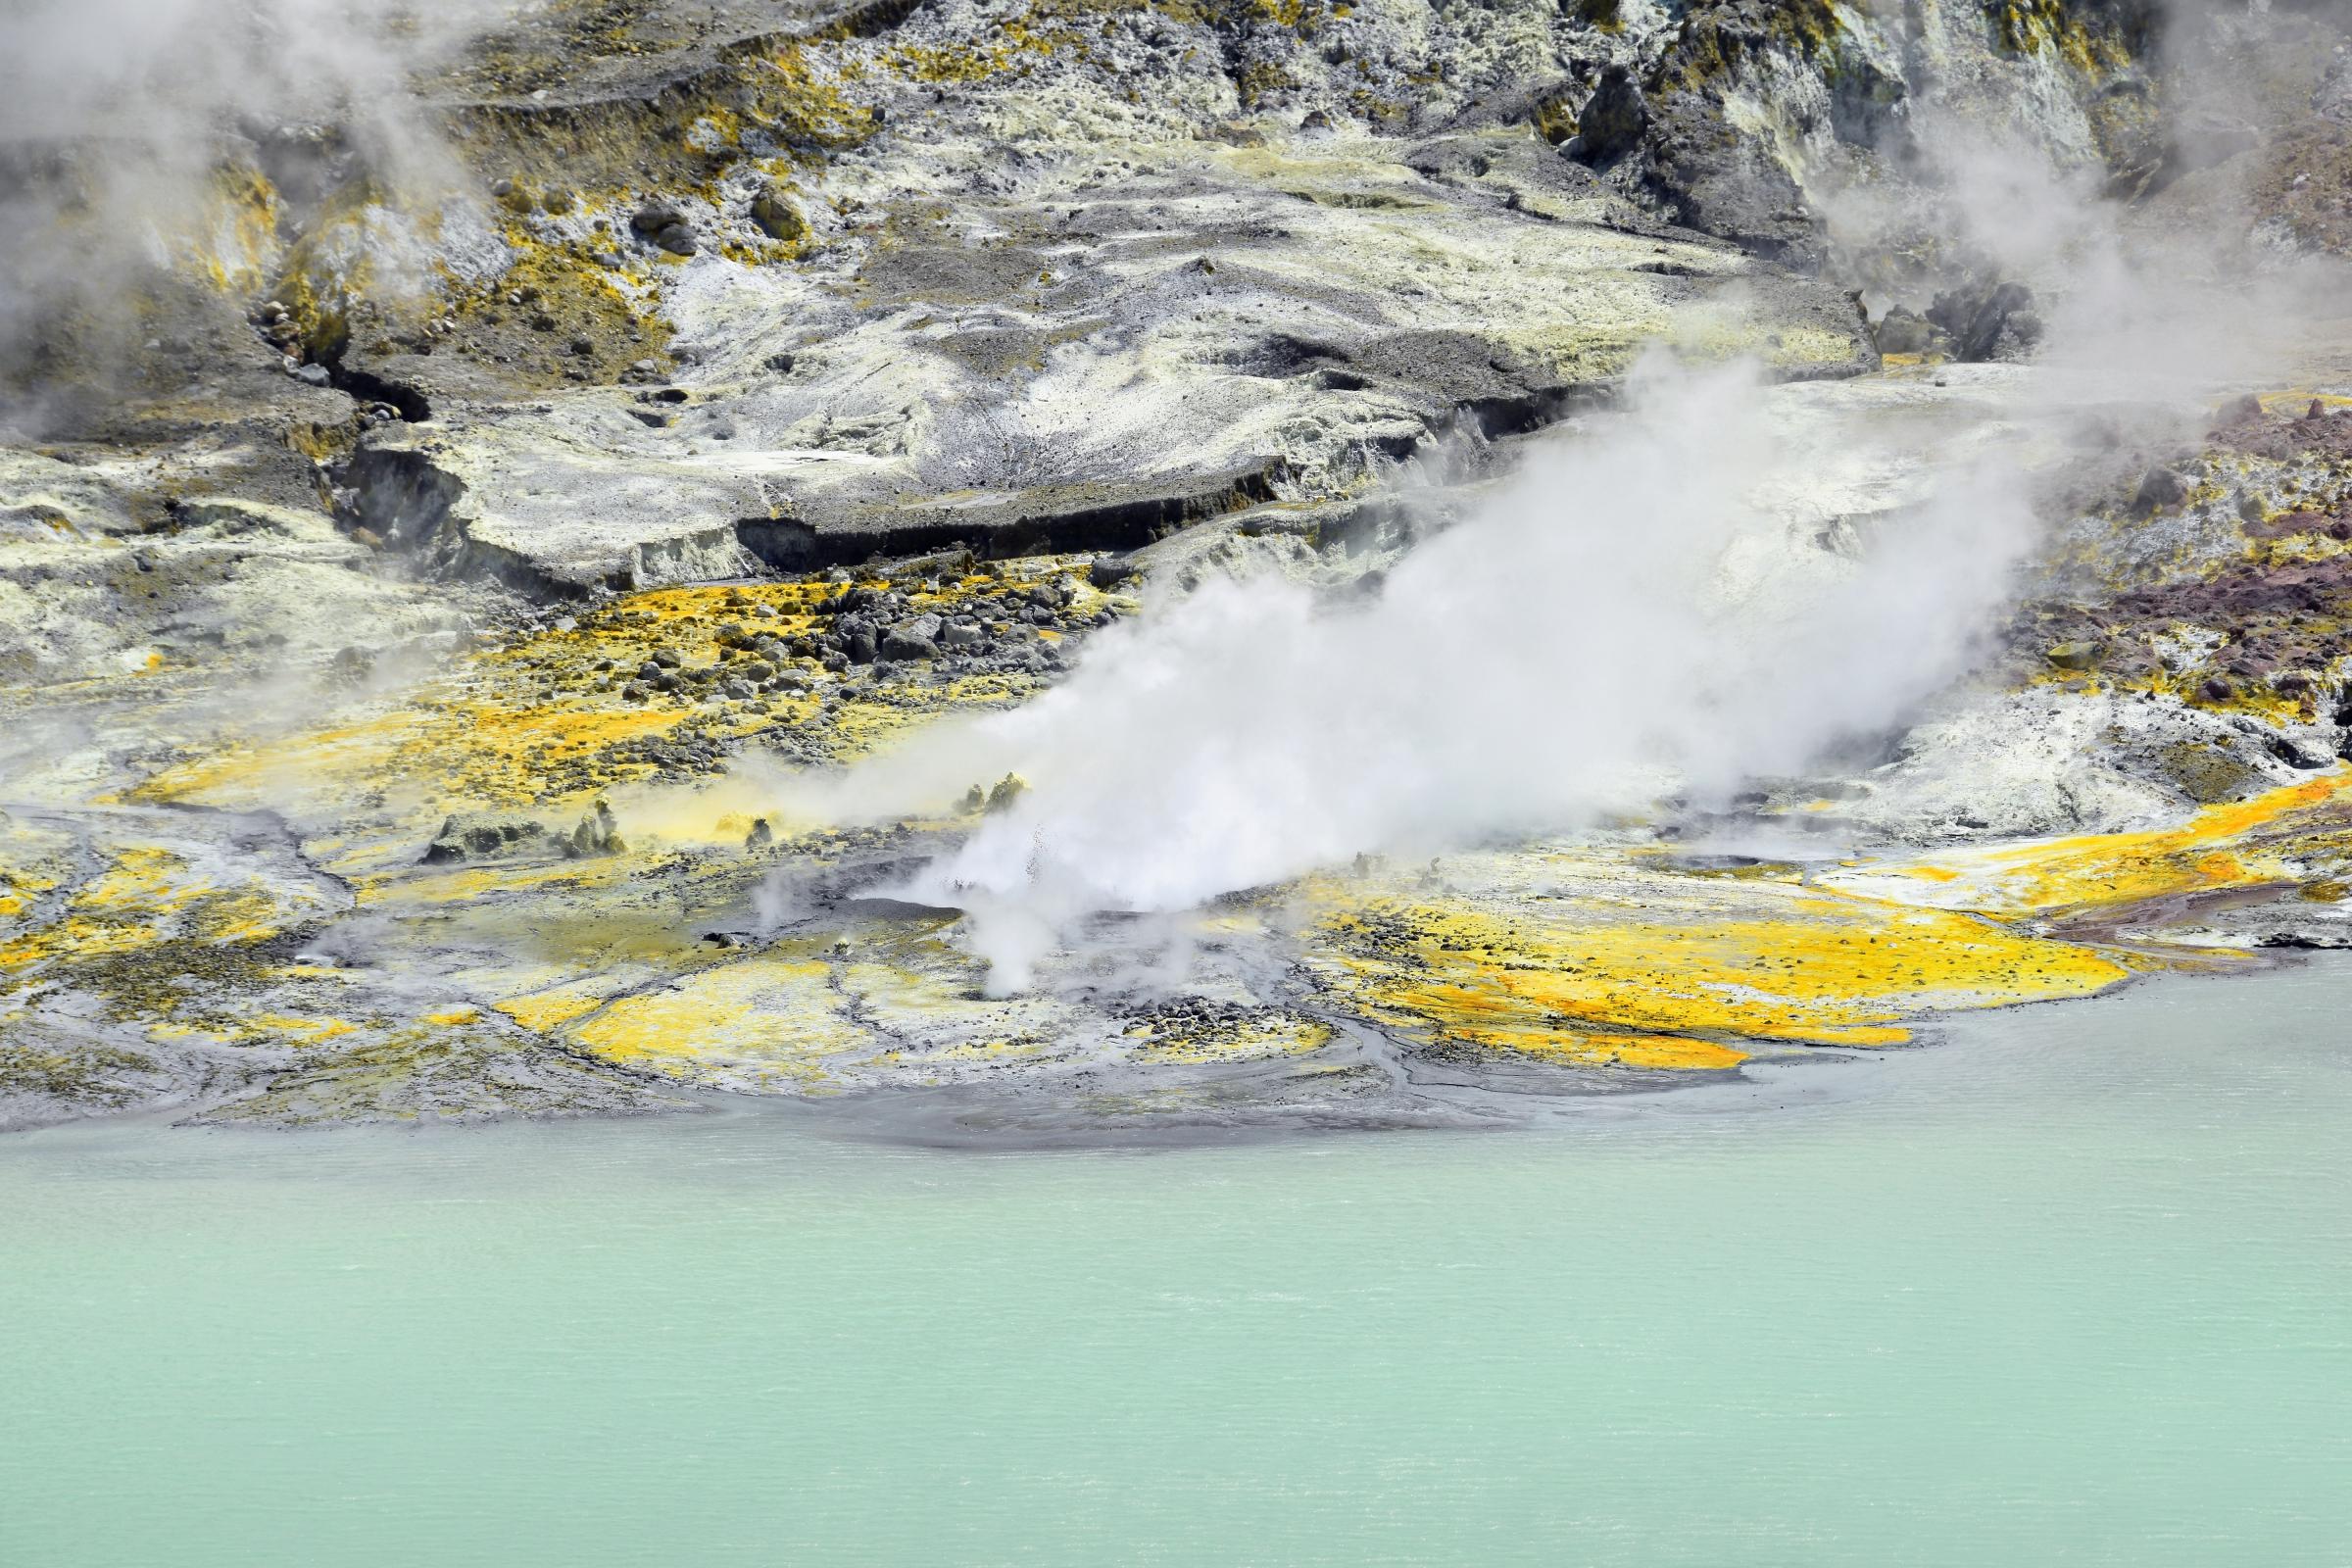 פולט גזים כבר 250 שנה. האי וייט בניו זילנד, שם התפרץ הר הגעש ואקאארי בדצבר 2019 | צילום: Shutterstck